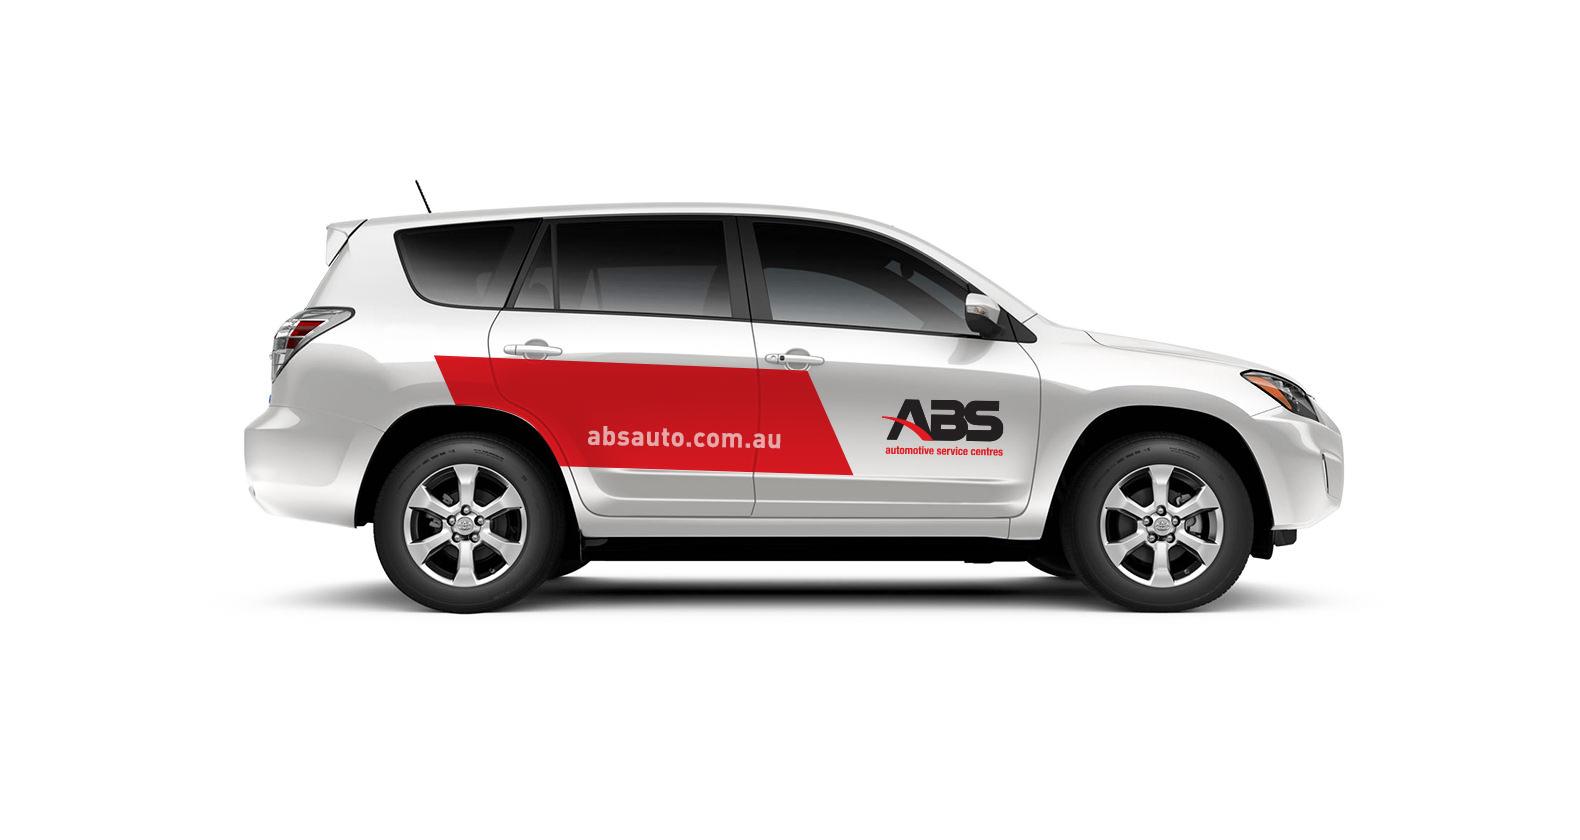 ABS Automotive - Vehicle signage